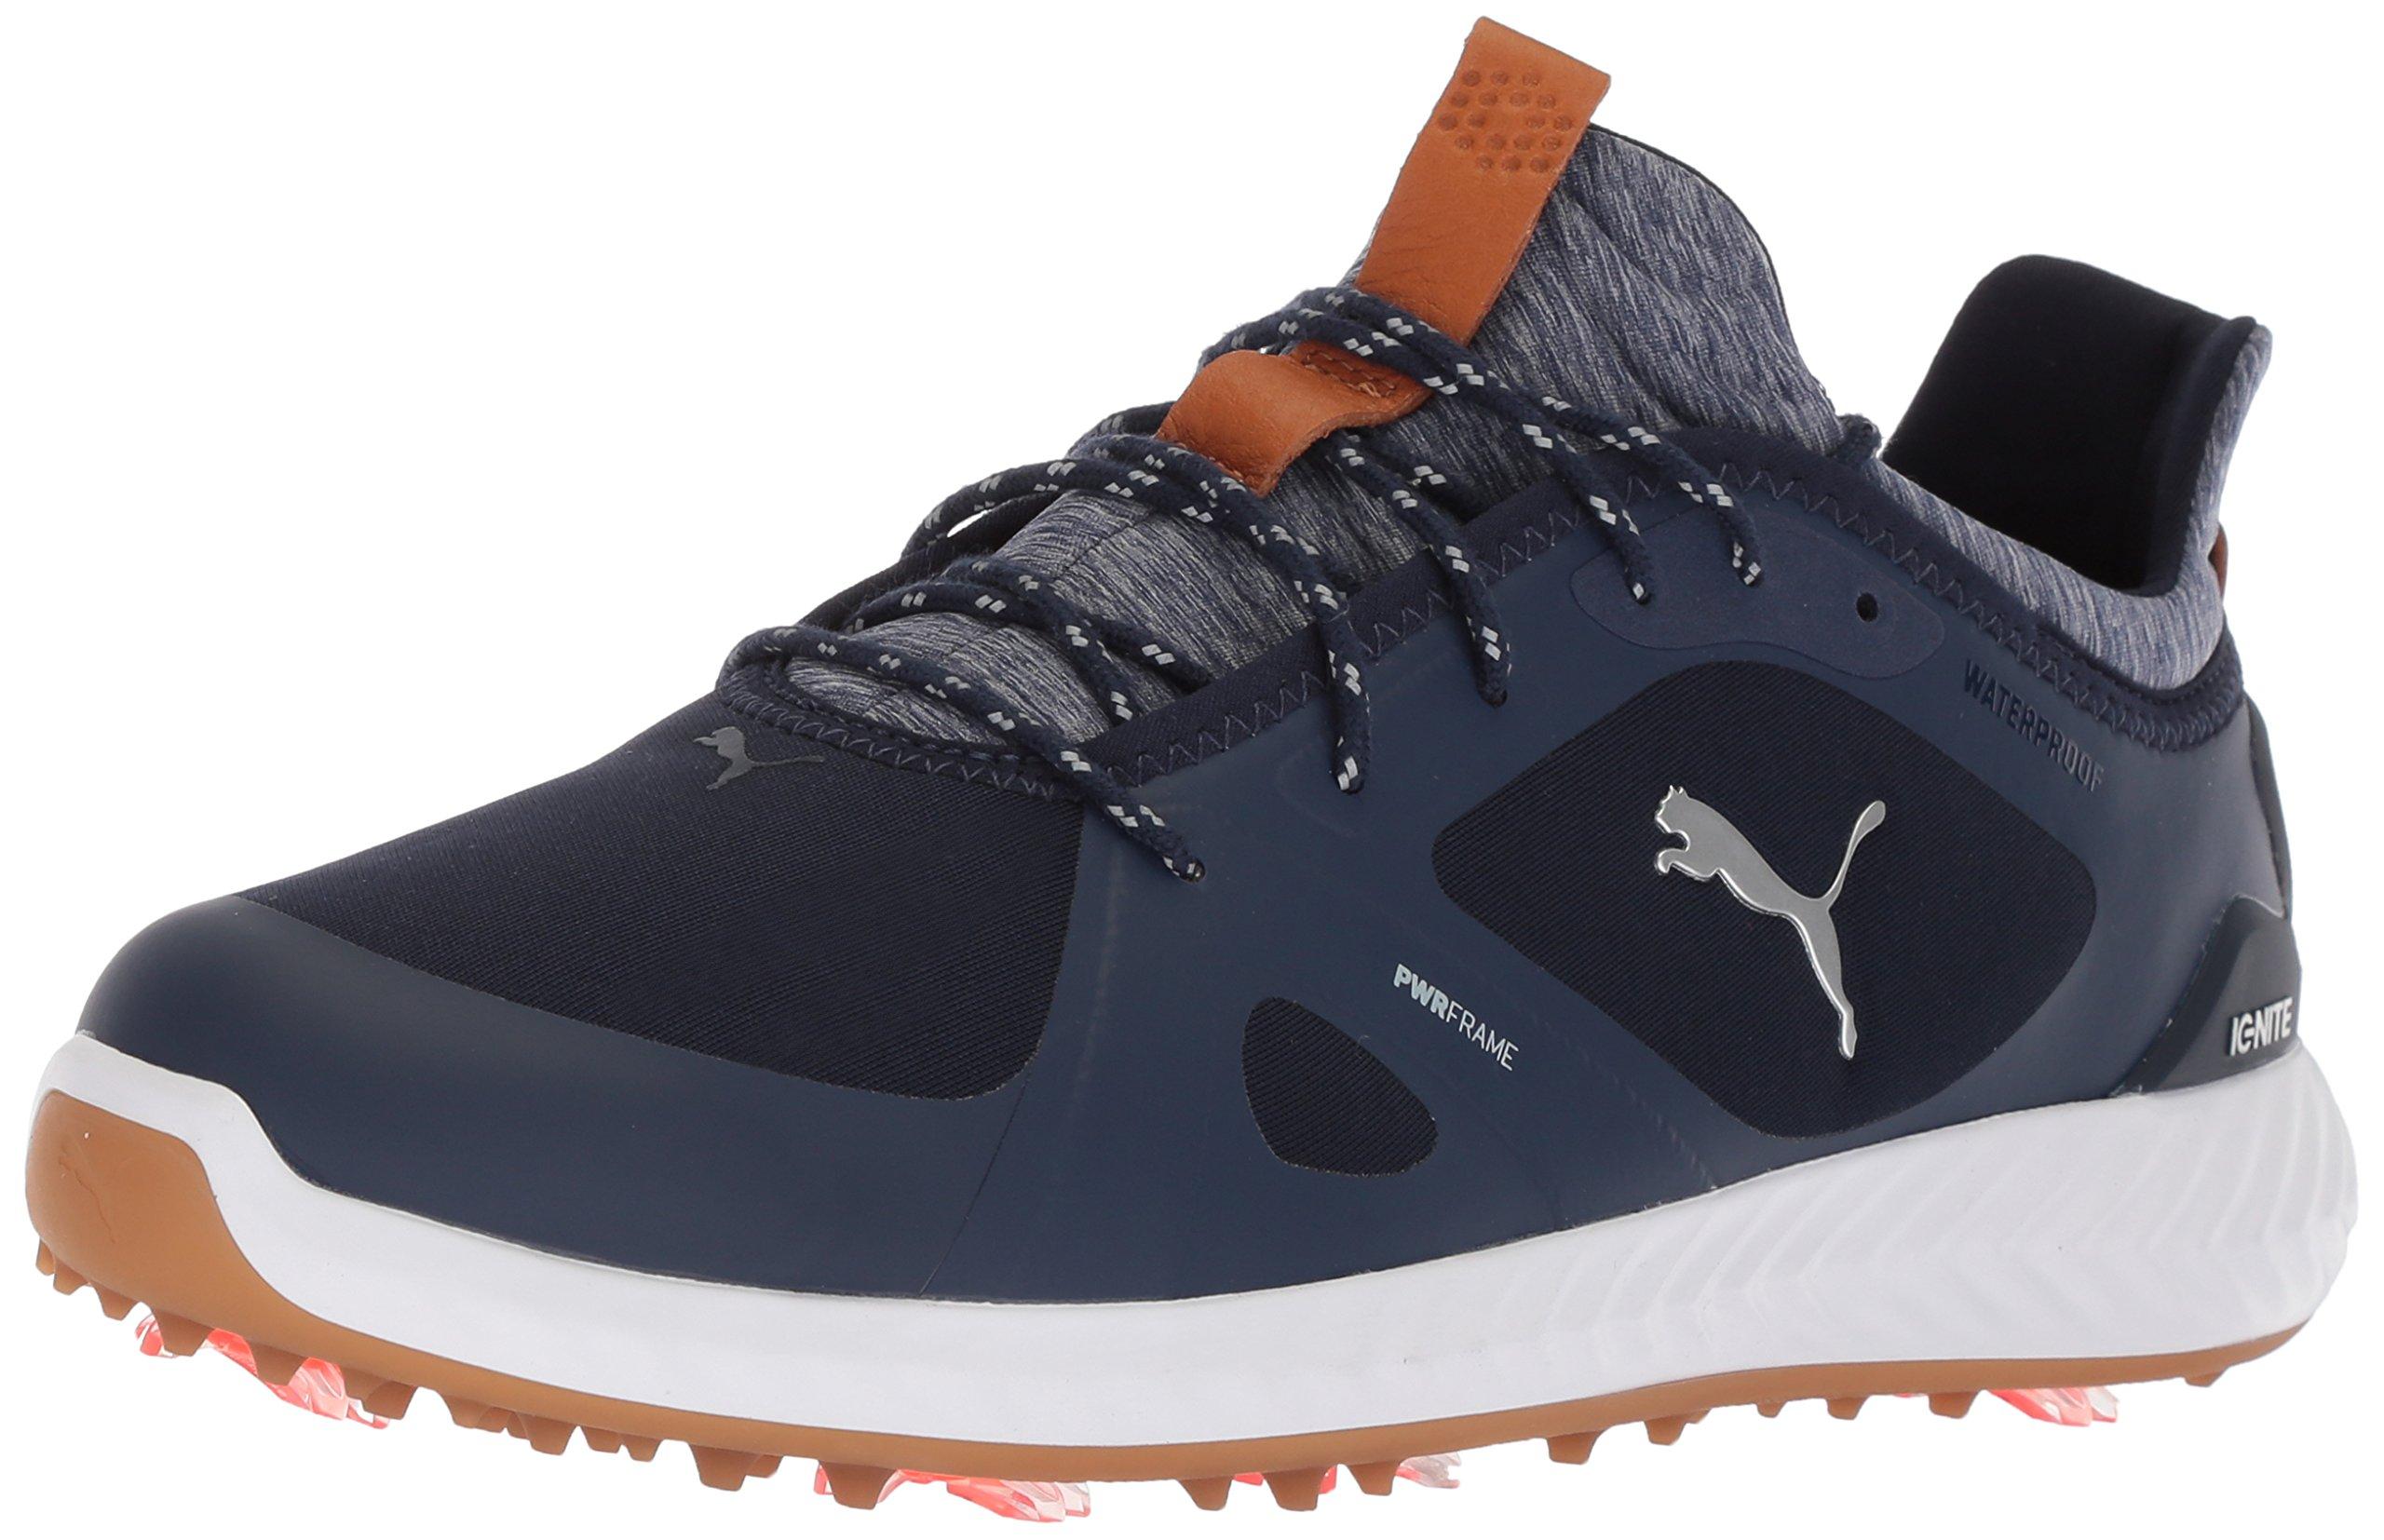 PUMA Golf Men's Ignite Pwradapt Golf Shoe, Peacoat/Peacoat/White, 10 Medium US